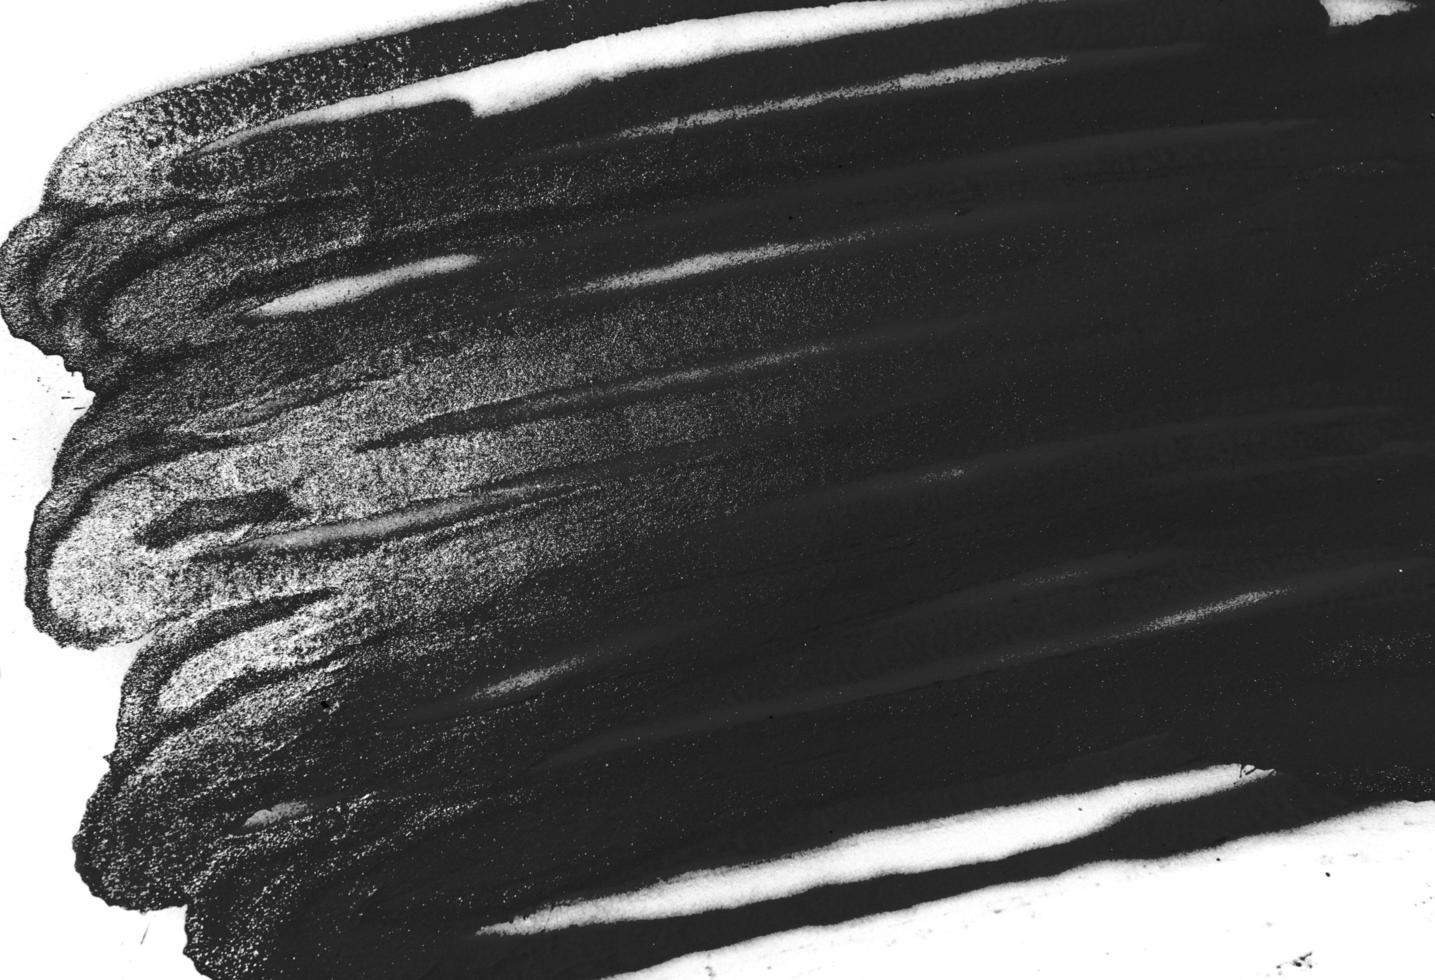 schwarze Sprühfarbe Textur auf weißem Hintergrund foto